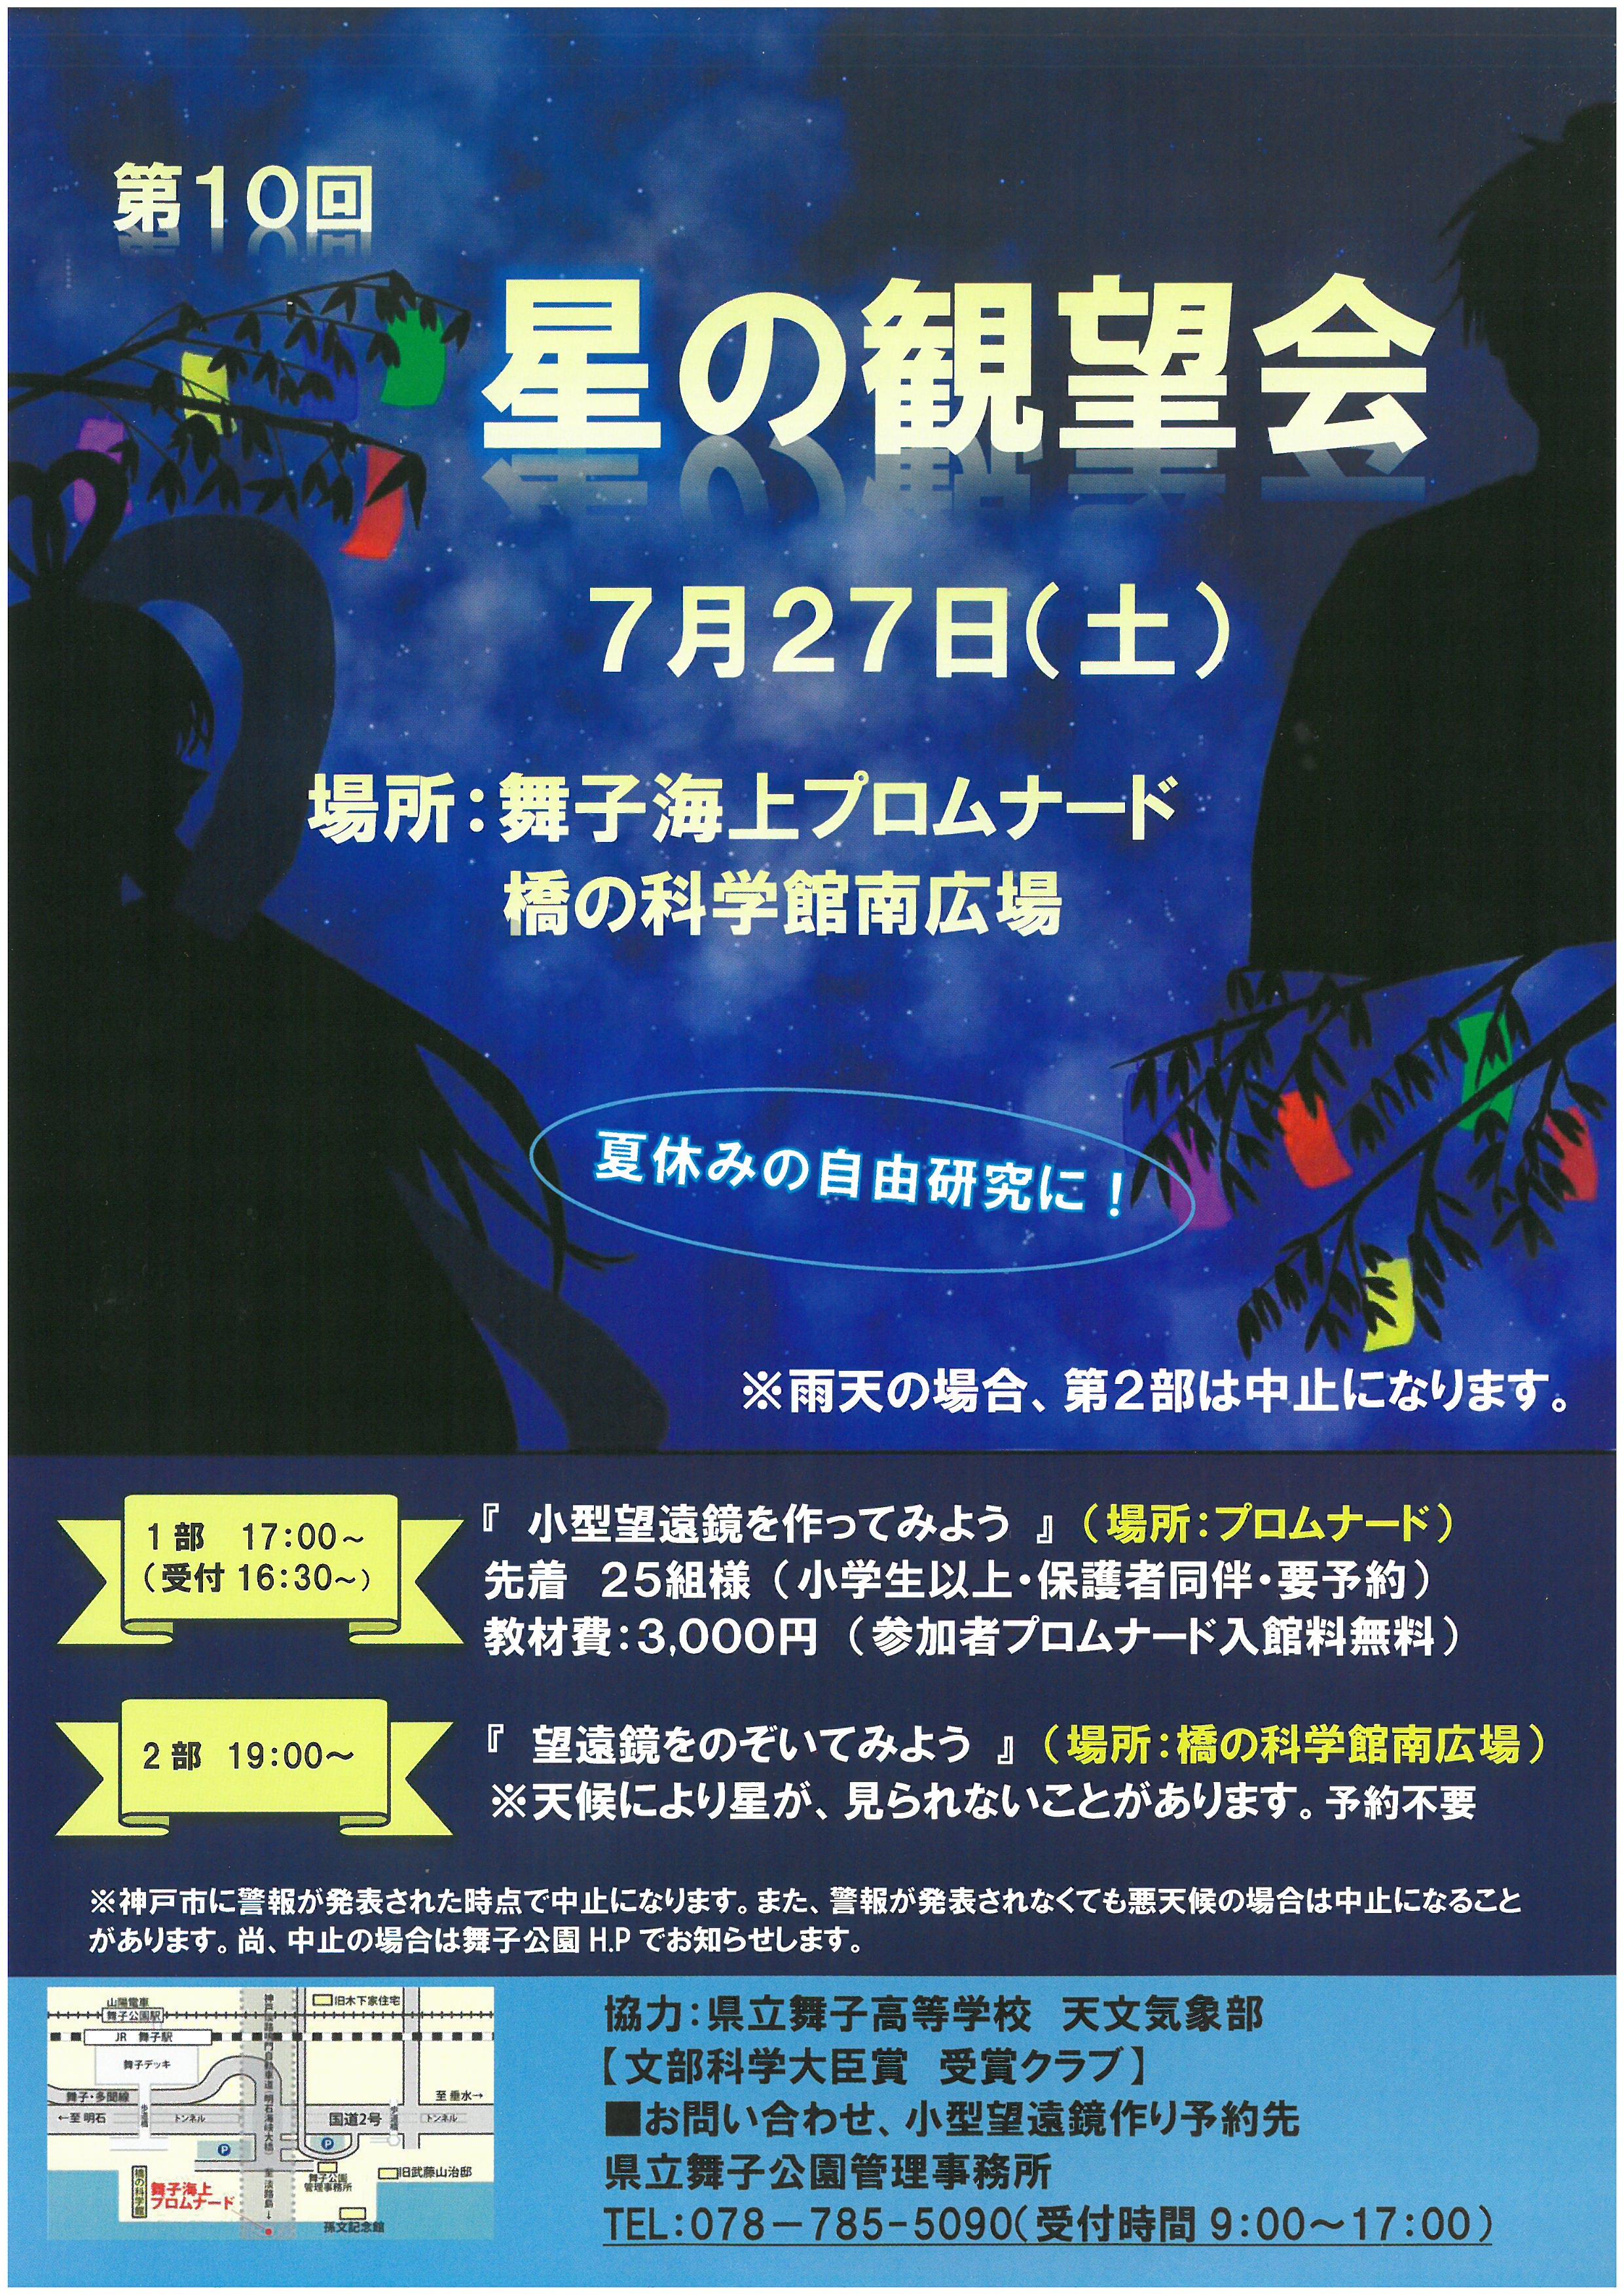 7/27(土)「第10回星の観望会」のアイキャッチ